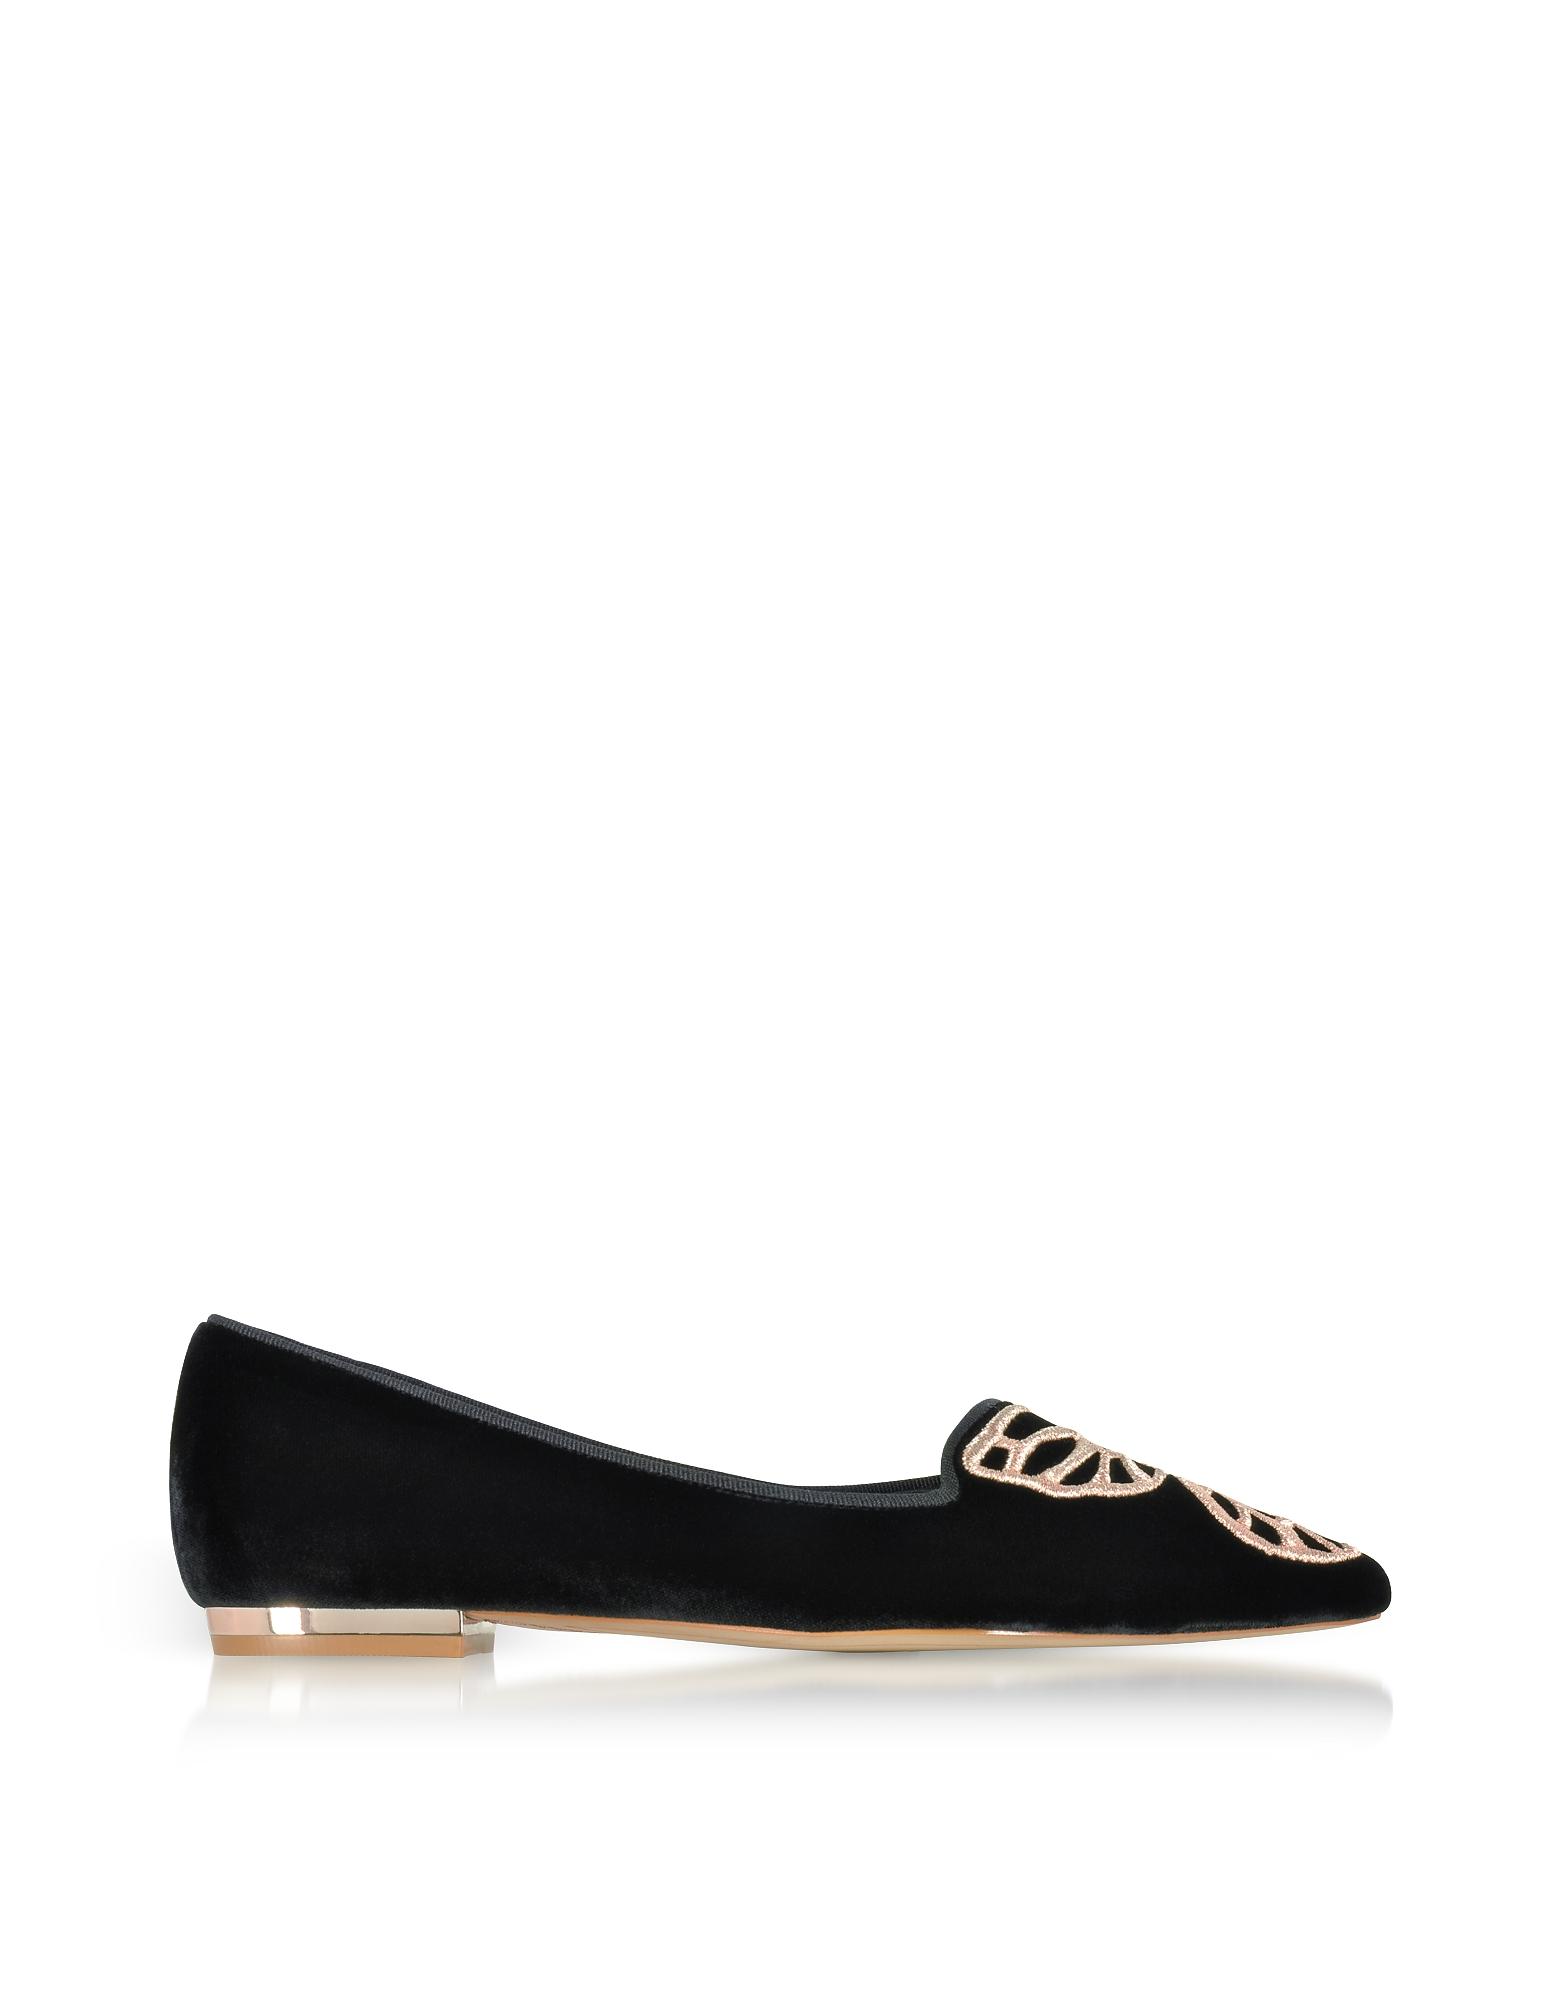 Sophia Webster Shoes, Black Velvet Bibi Butterfly Flat Ballerinas